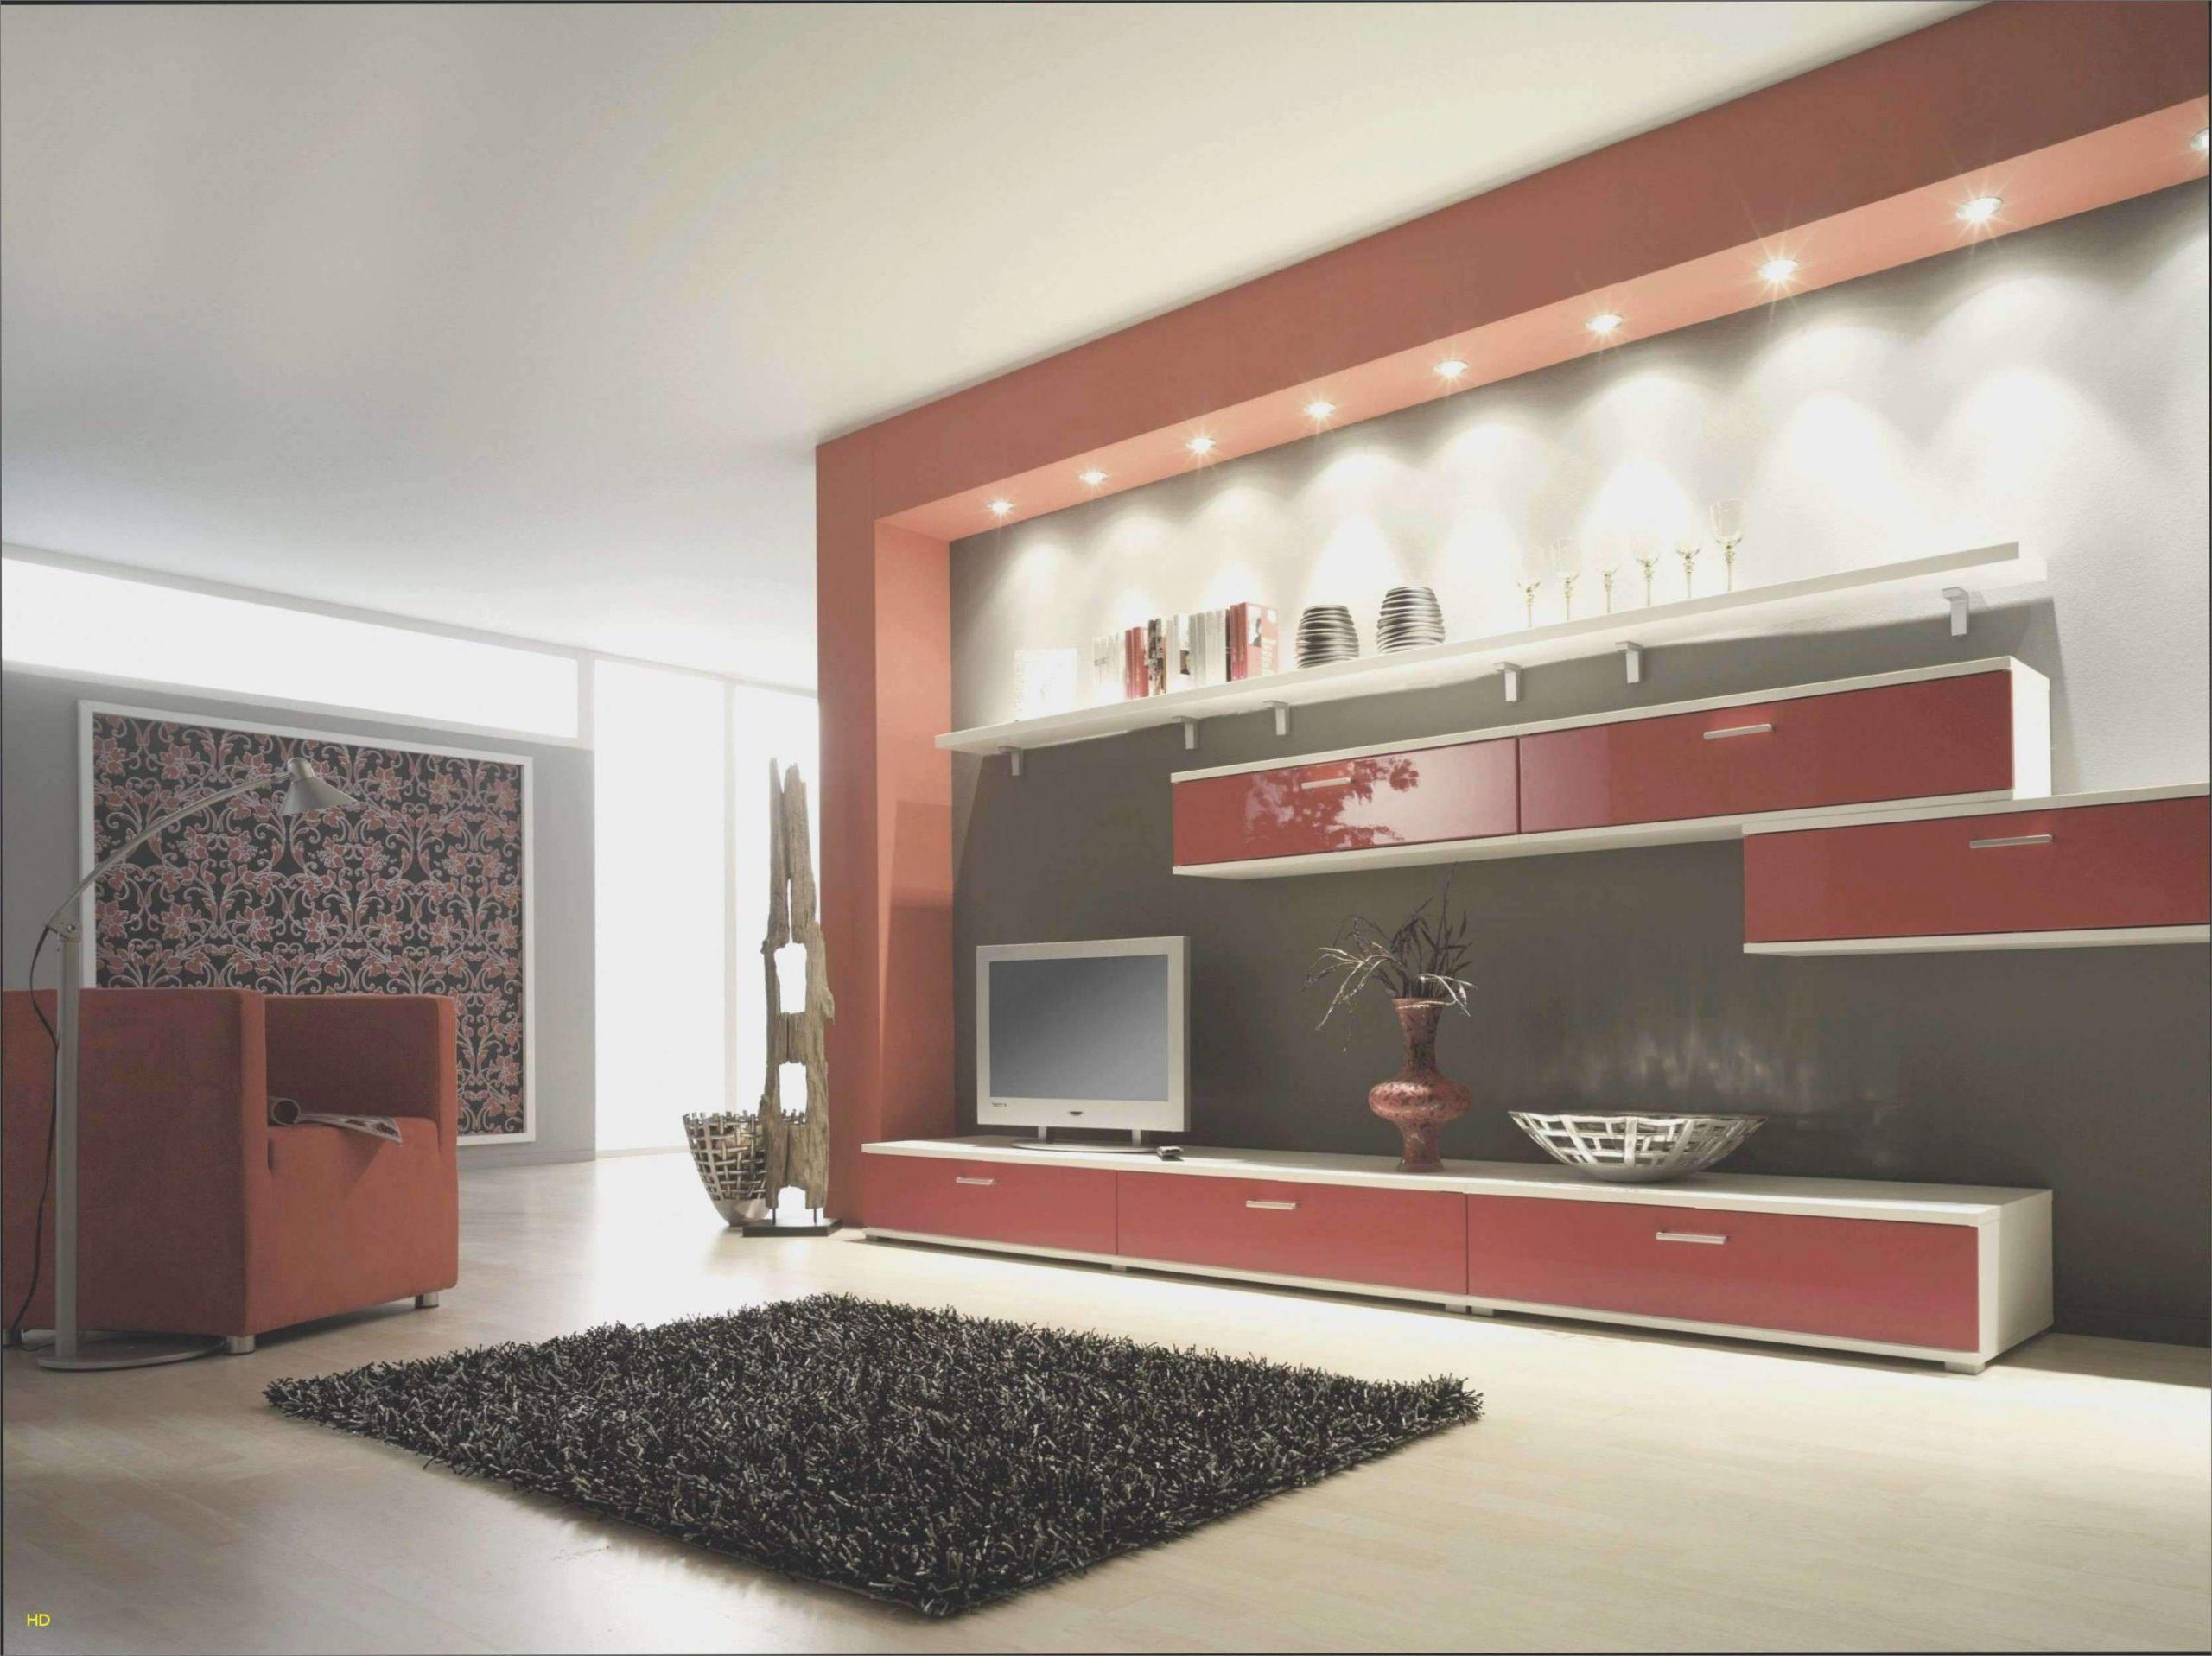 garten mediterran gestalten reizend 30 luxus wohnzimmer mediterran luxus of garten mediterran gestalten scaled